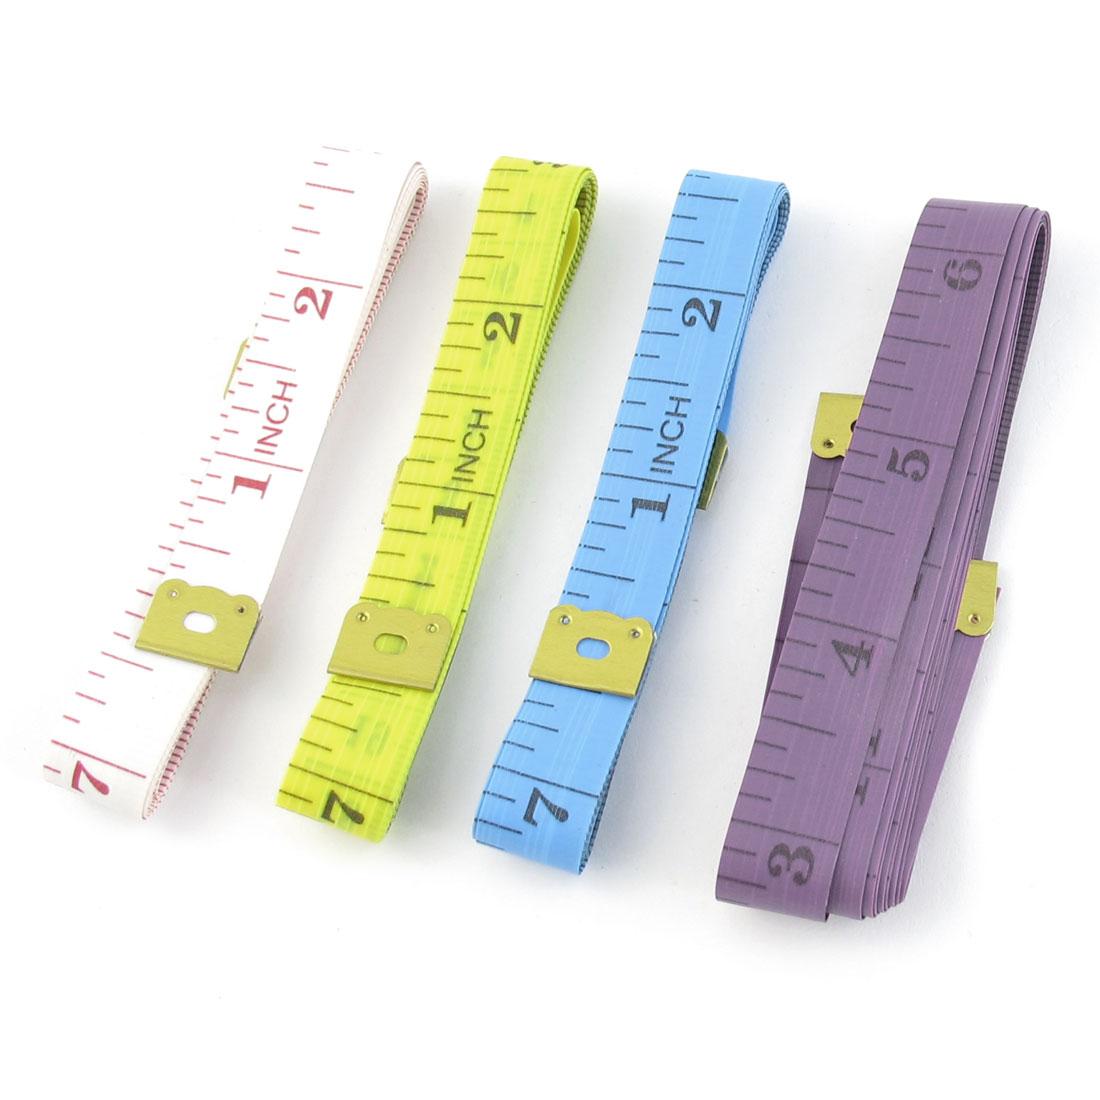 """Tailor Flexible Cloth Ruler Measure Tape Assorted Color 150cm/60"""" 4 Pcs"""